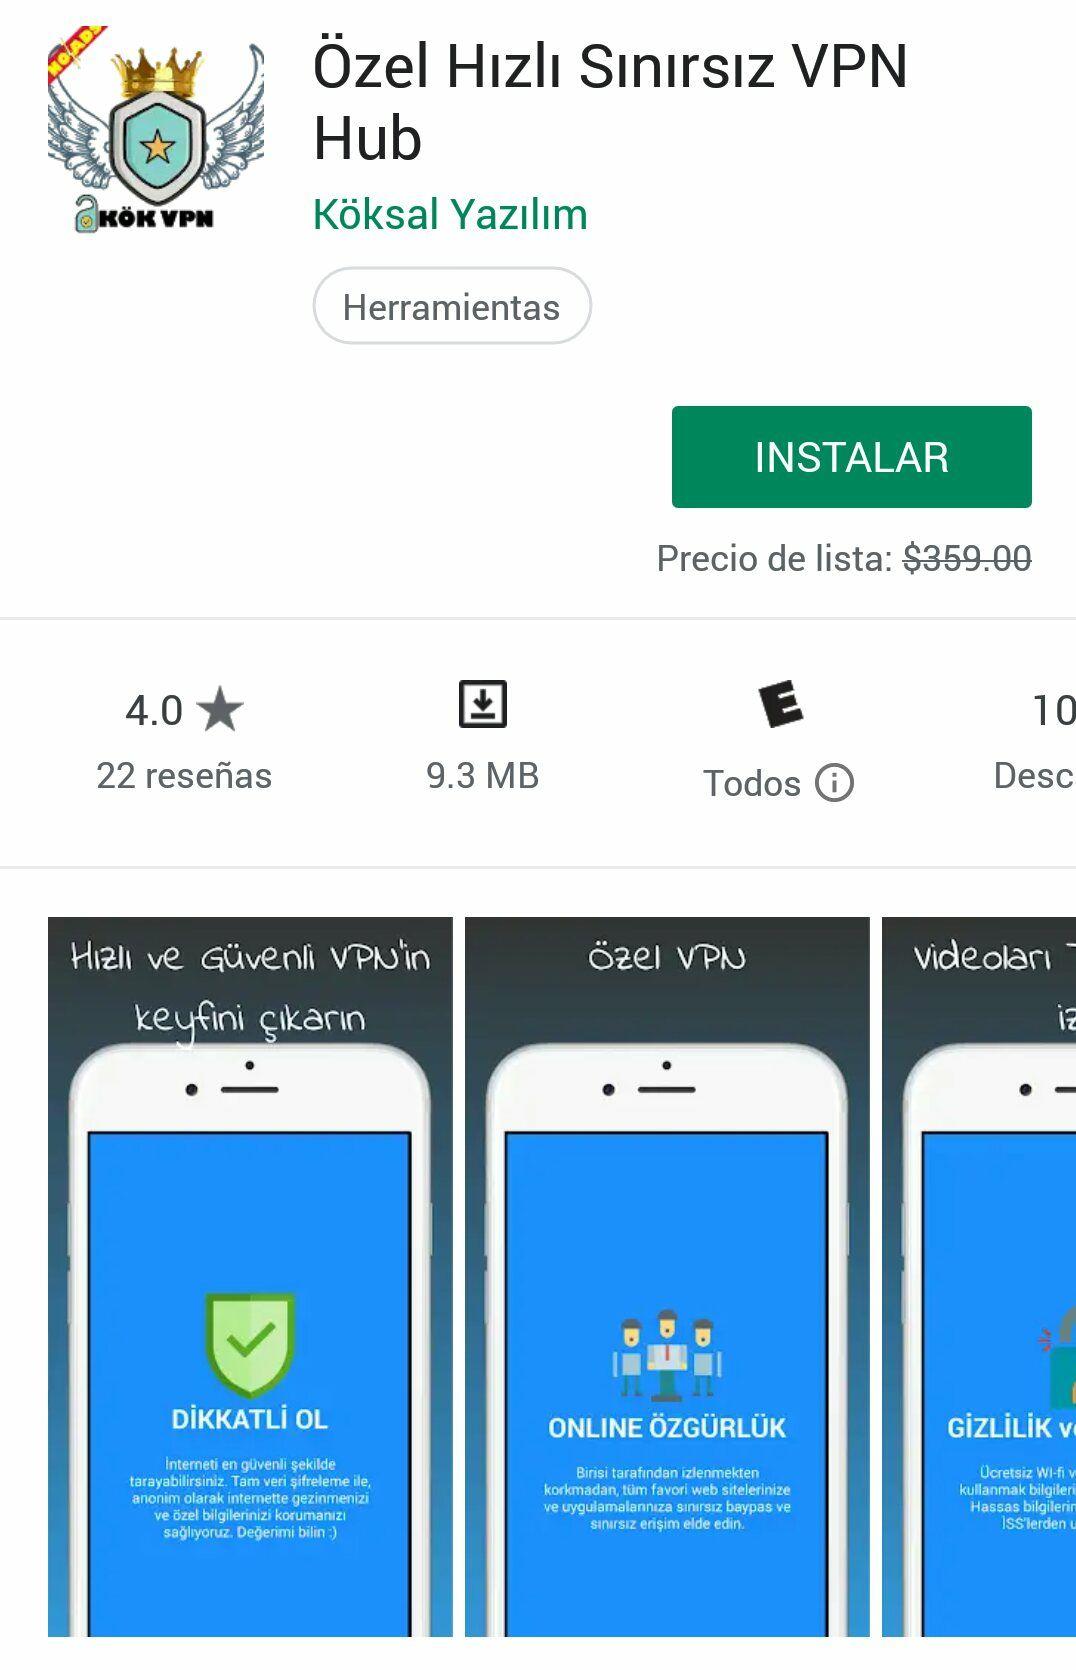 Google Play: App VPN de $359 a $0